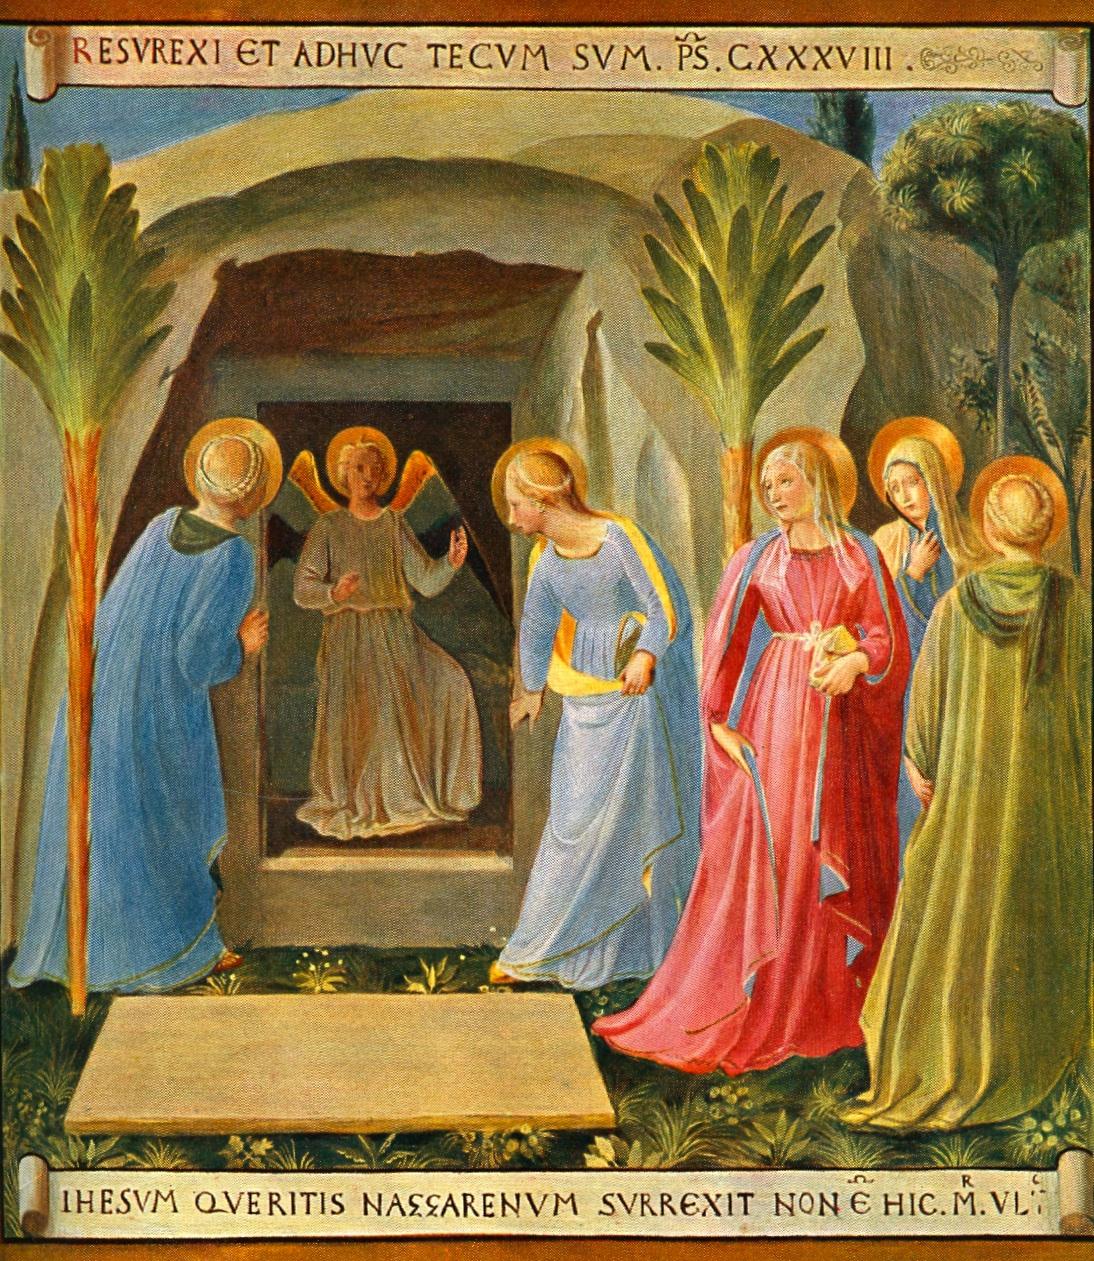 Buona Pasqua nella consolazione del Paraclito!